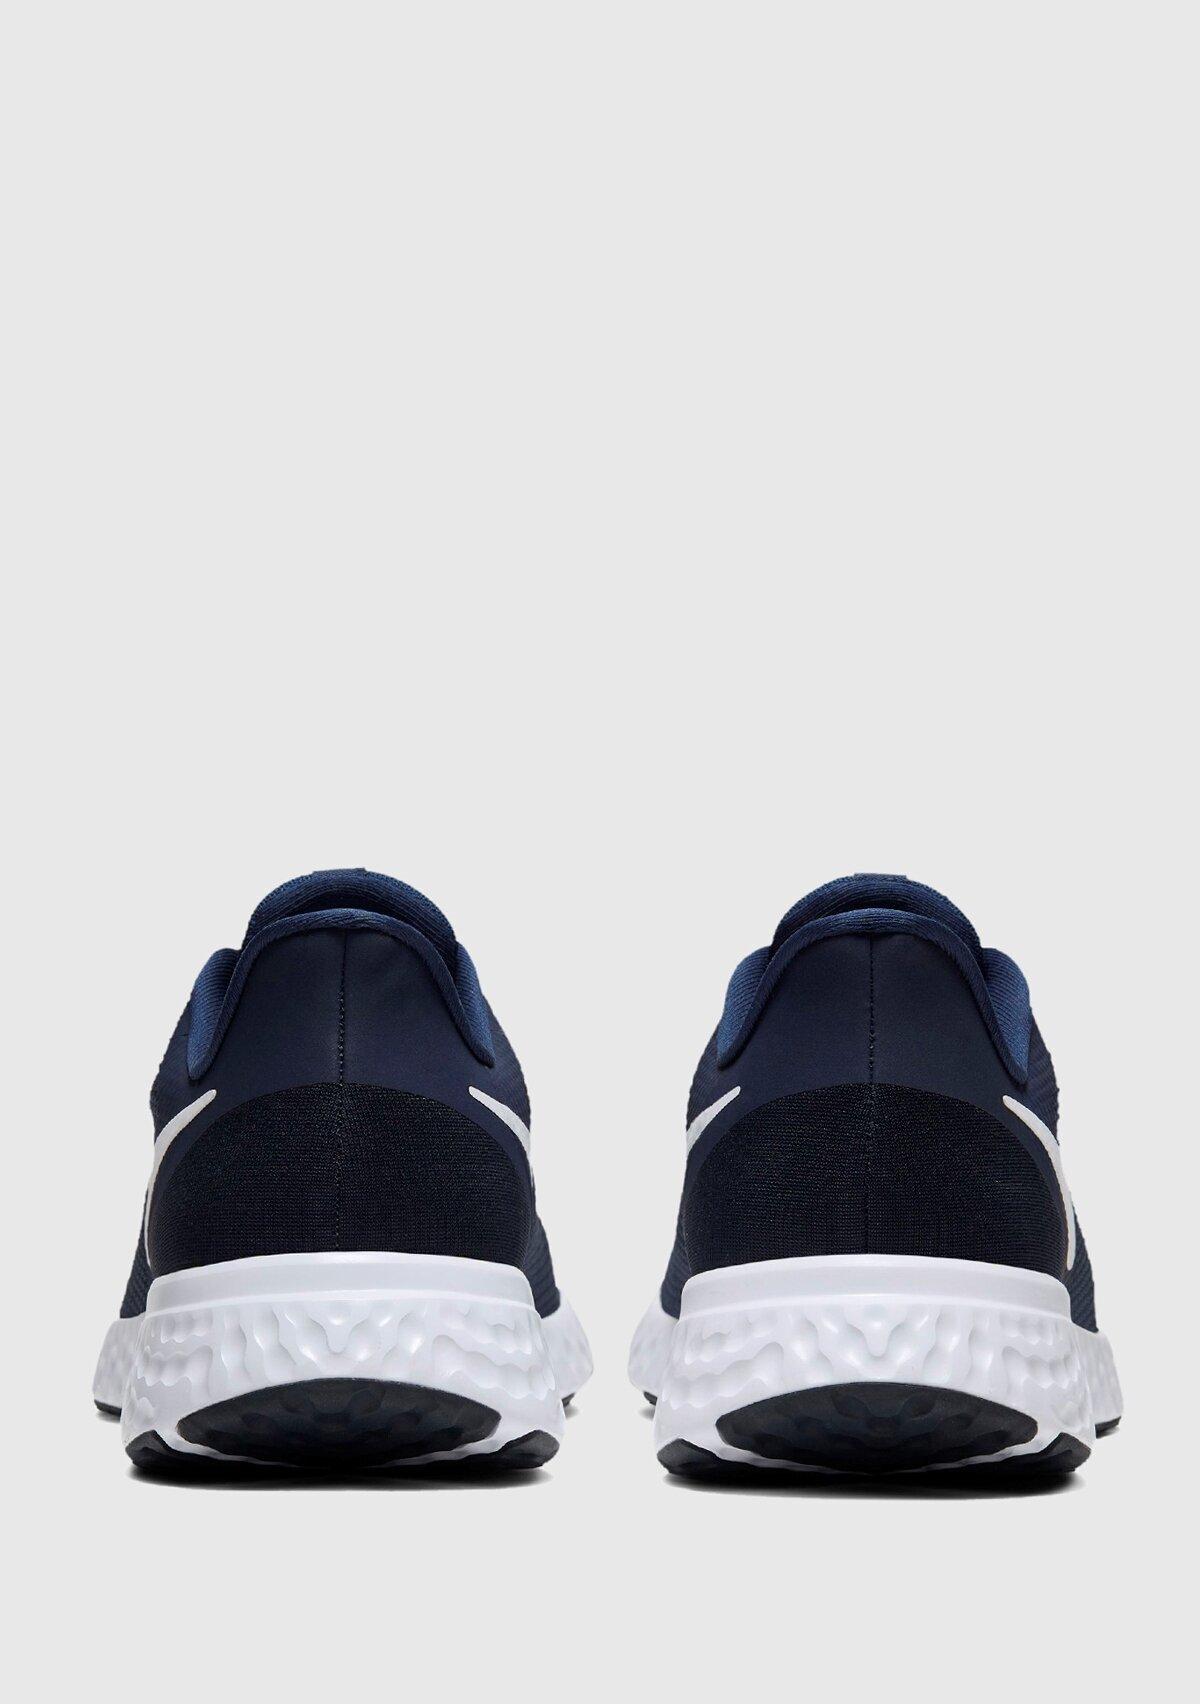 resm Revolution 5 Lacivert Erkek Koşu Ayakkabısı Bq3204